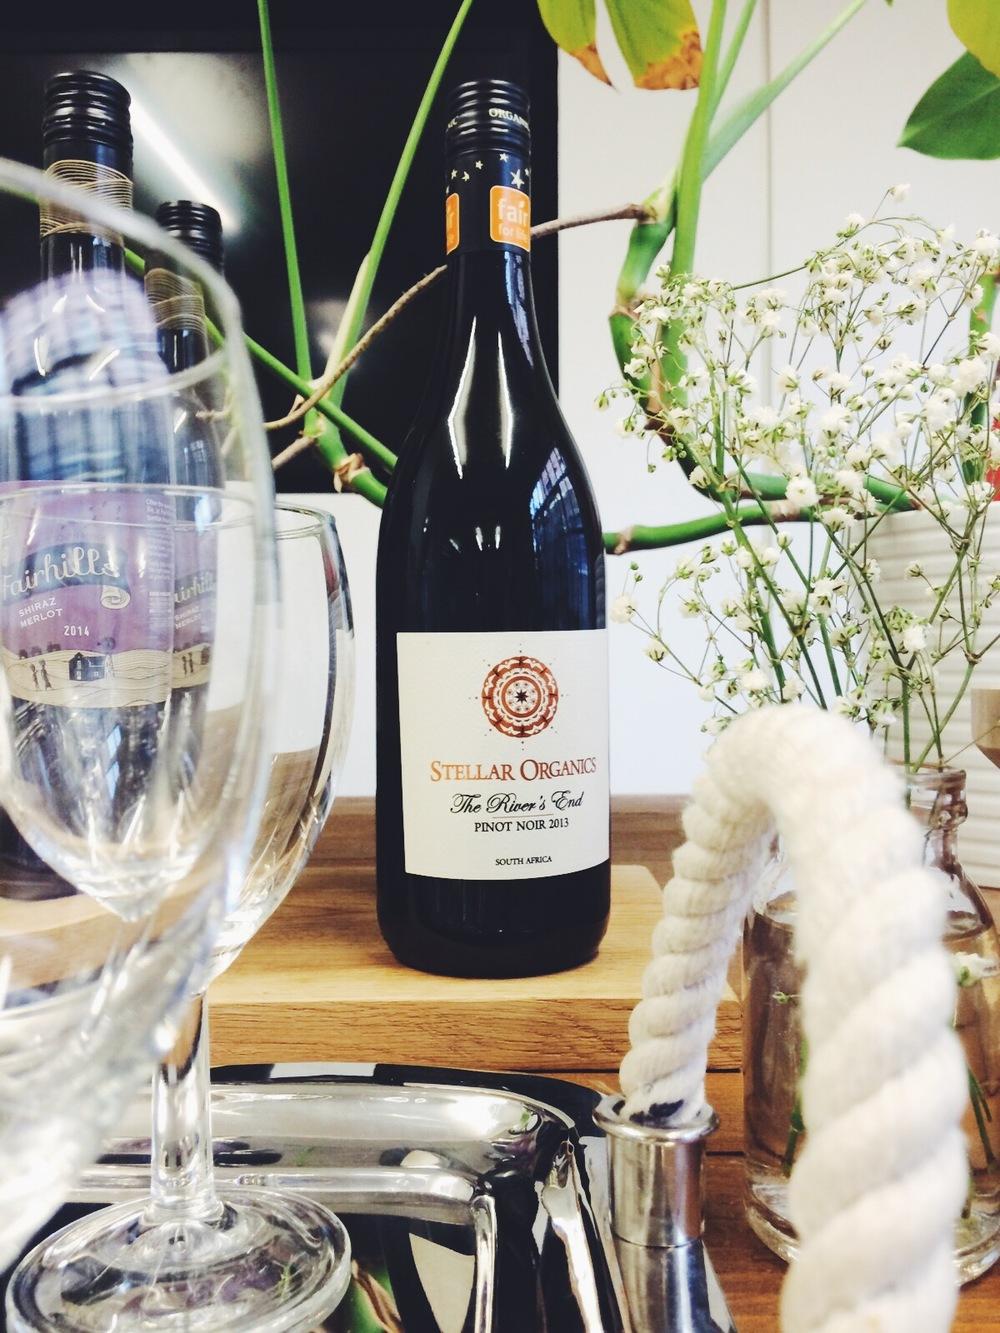 Stellar Organics Wine